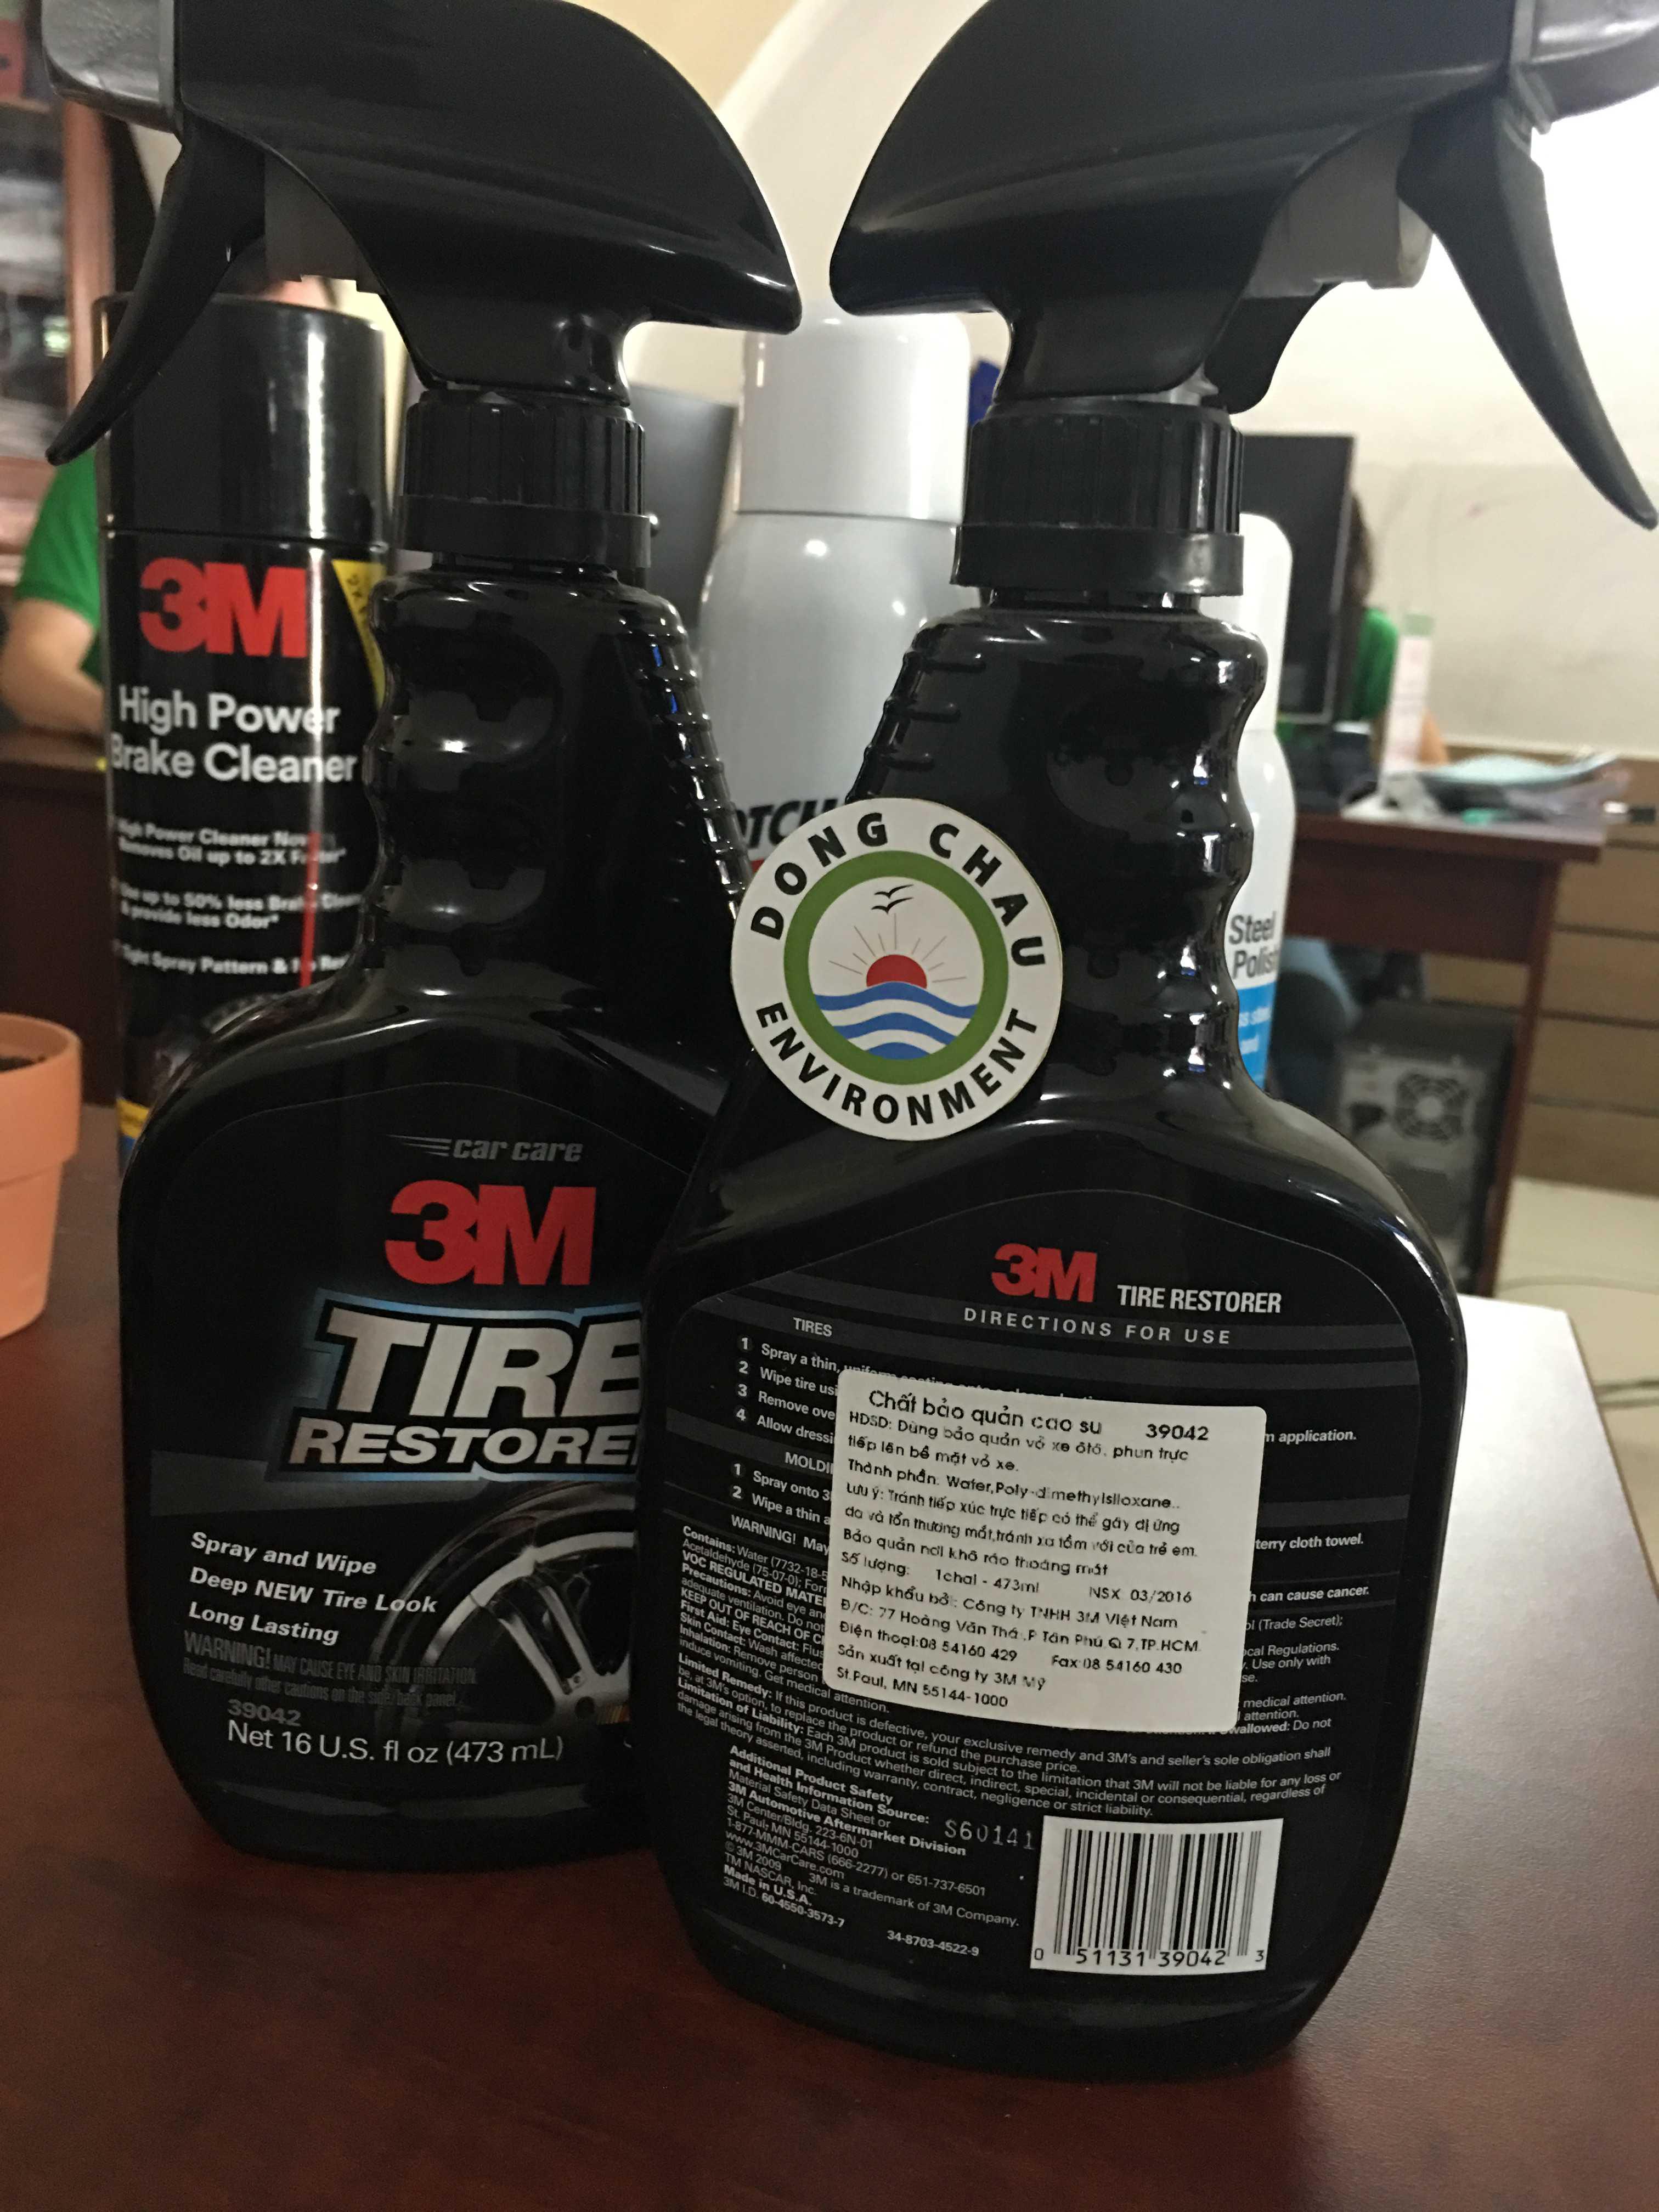 Chai xịt bảo vệ lốp xe vỏ xe ô tô 3M 39042